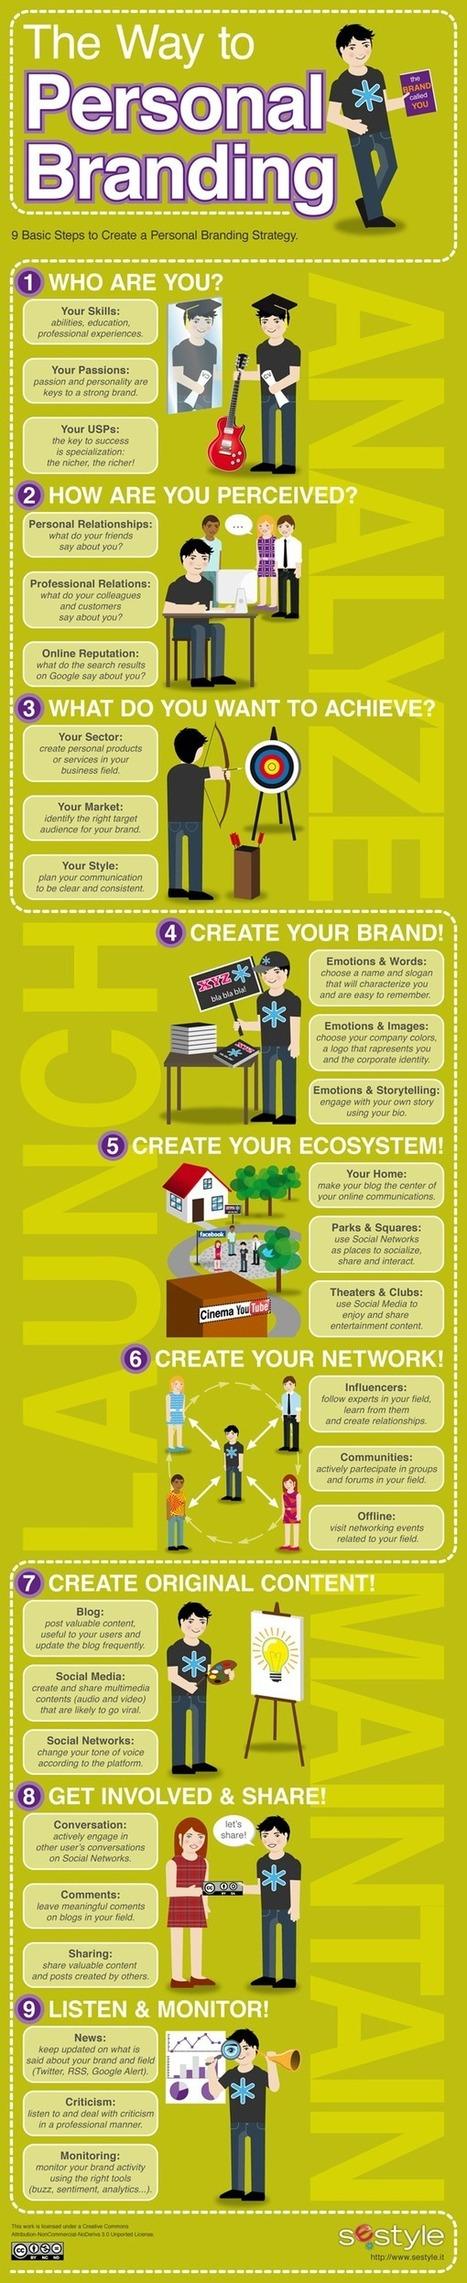 9 étapes pour se créer une marque personnelle - Stratégie #PersonalBranding | Réseaux sociaux et social media | Scoop.it